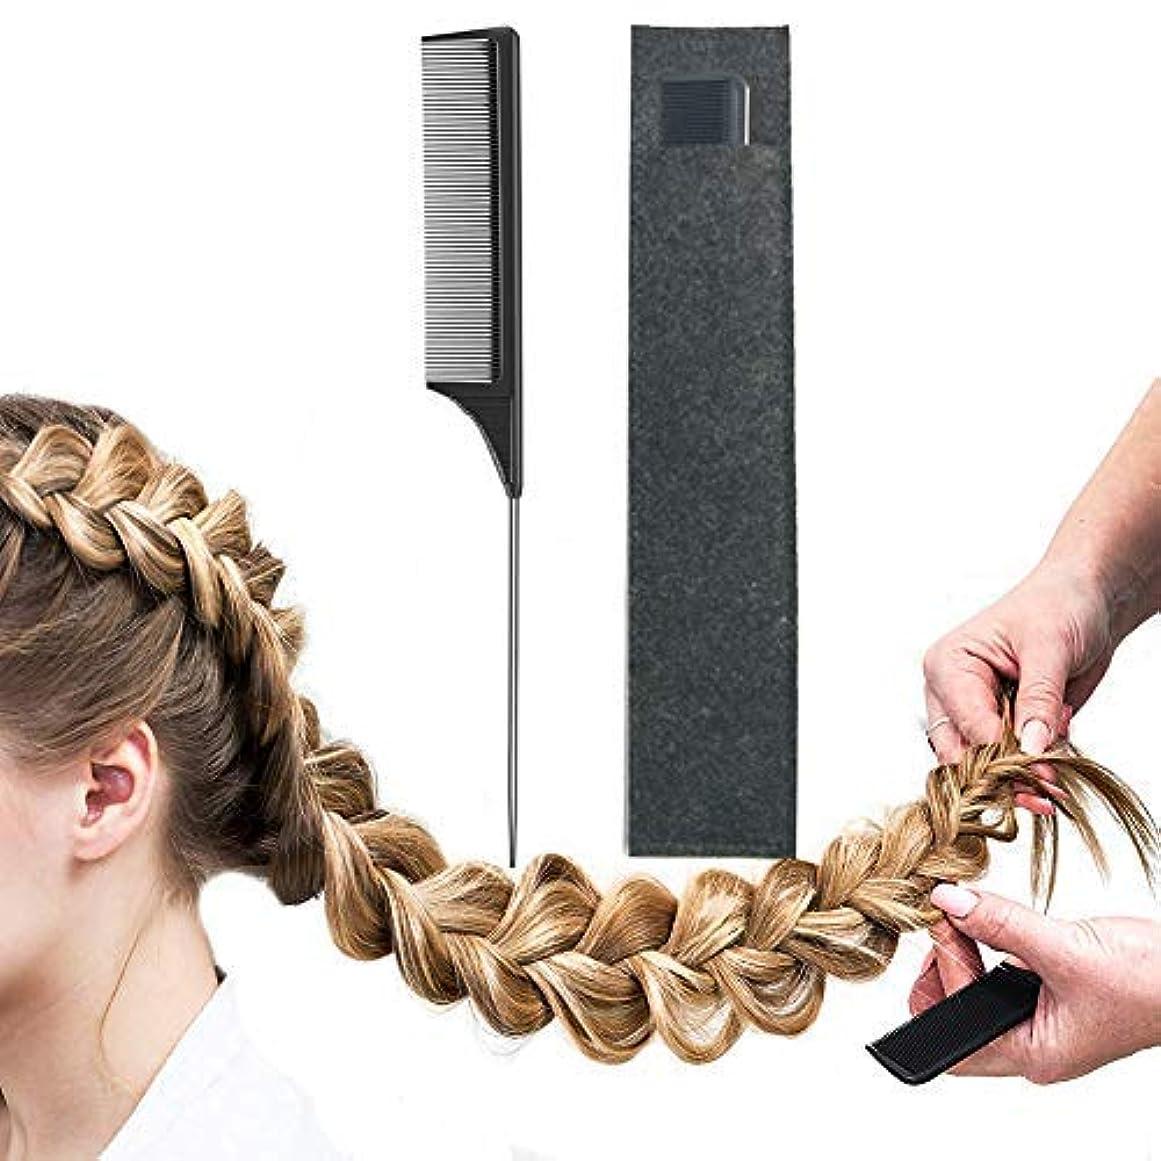 はちみつアメリカ研磨Pintail Comb Carbon Fiber And Heat Resistant Teasing HairTail Combs Metal With Non-skid Paddle For Hair Styling Tools Black [並行輸入品]